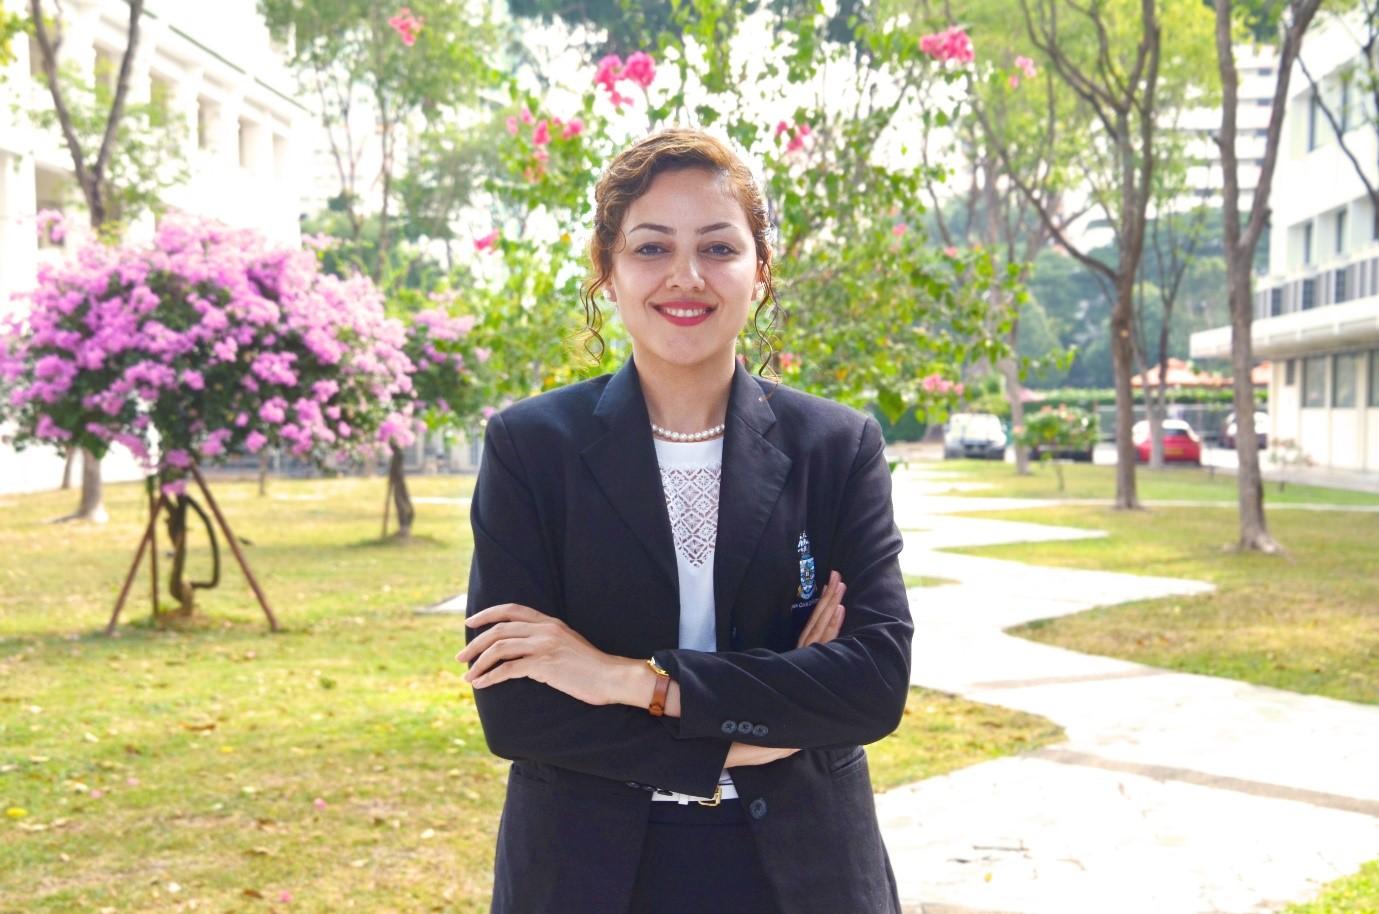 Dr Zohre Mohammadi